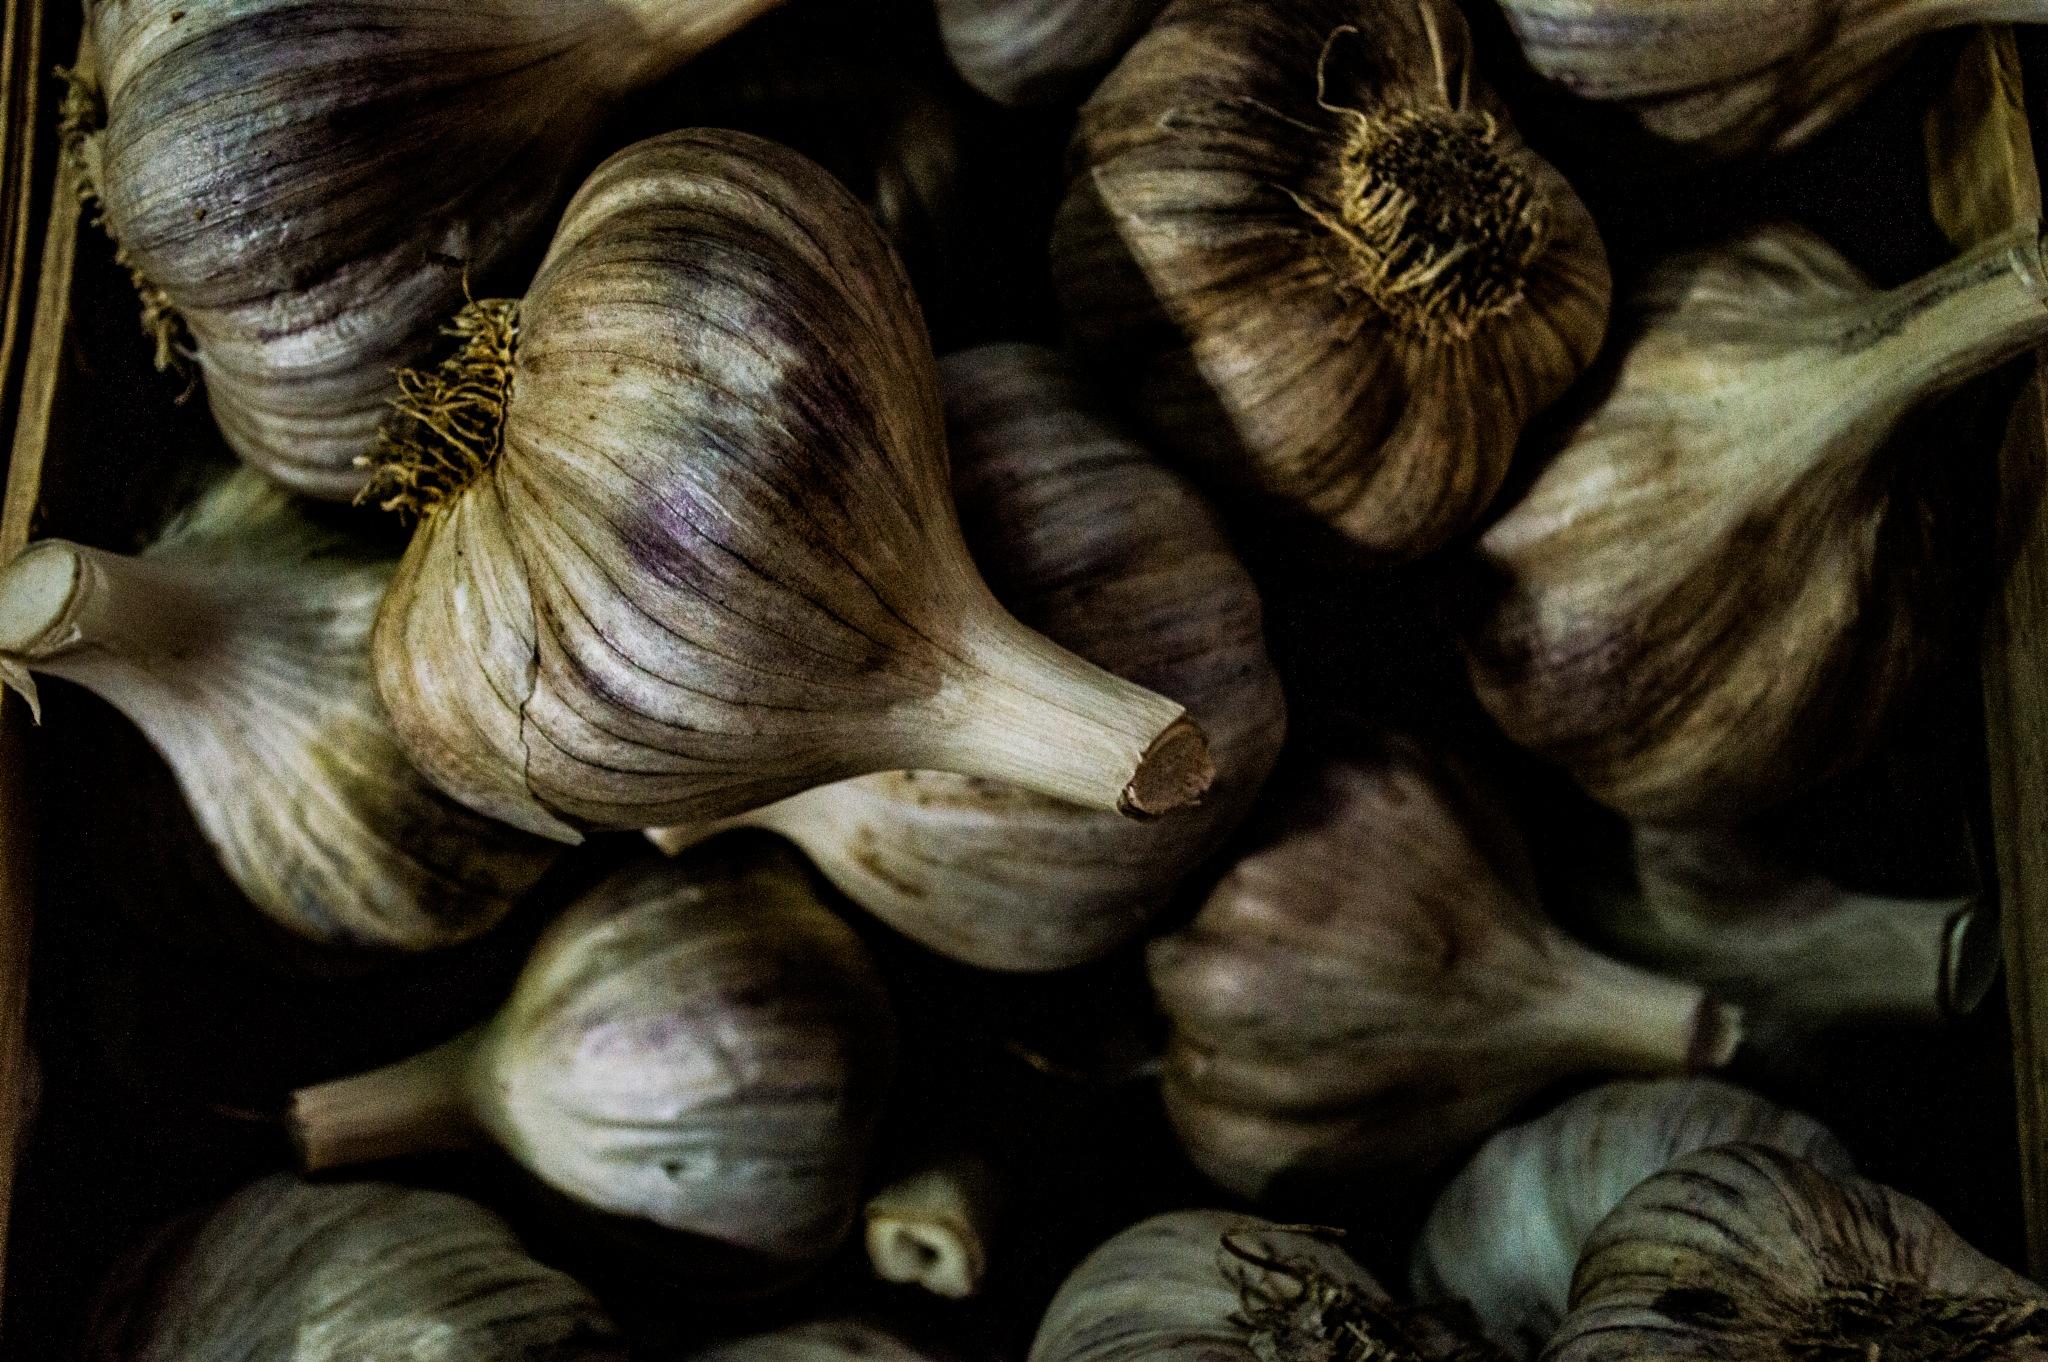 garlic by tim.hauser.73